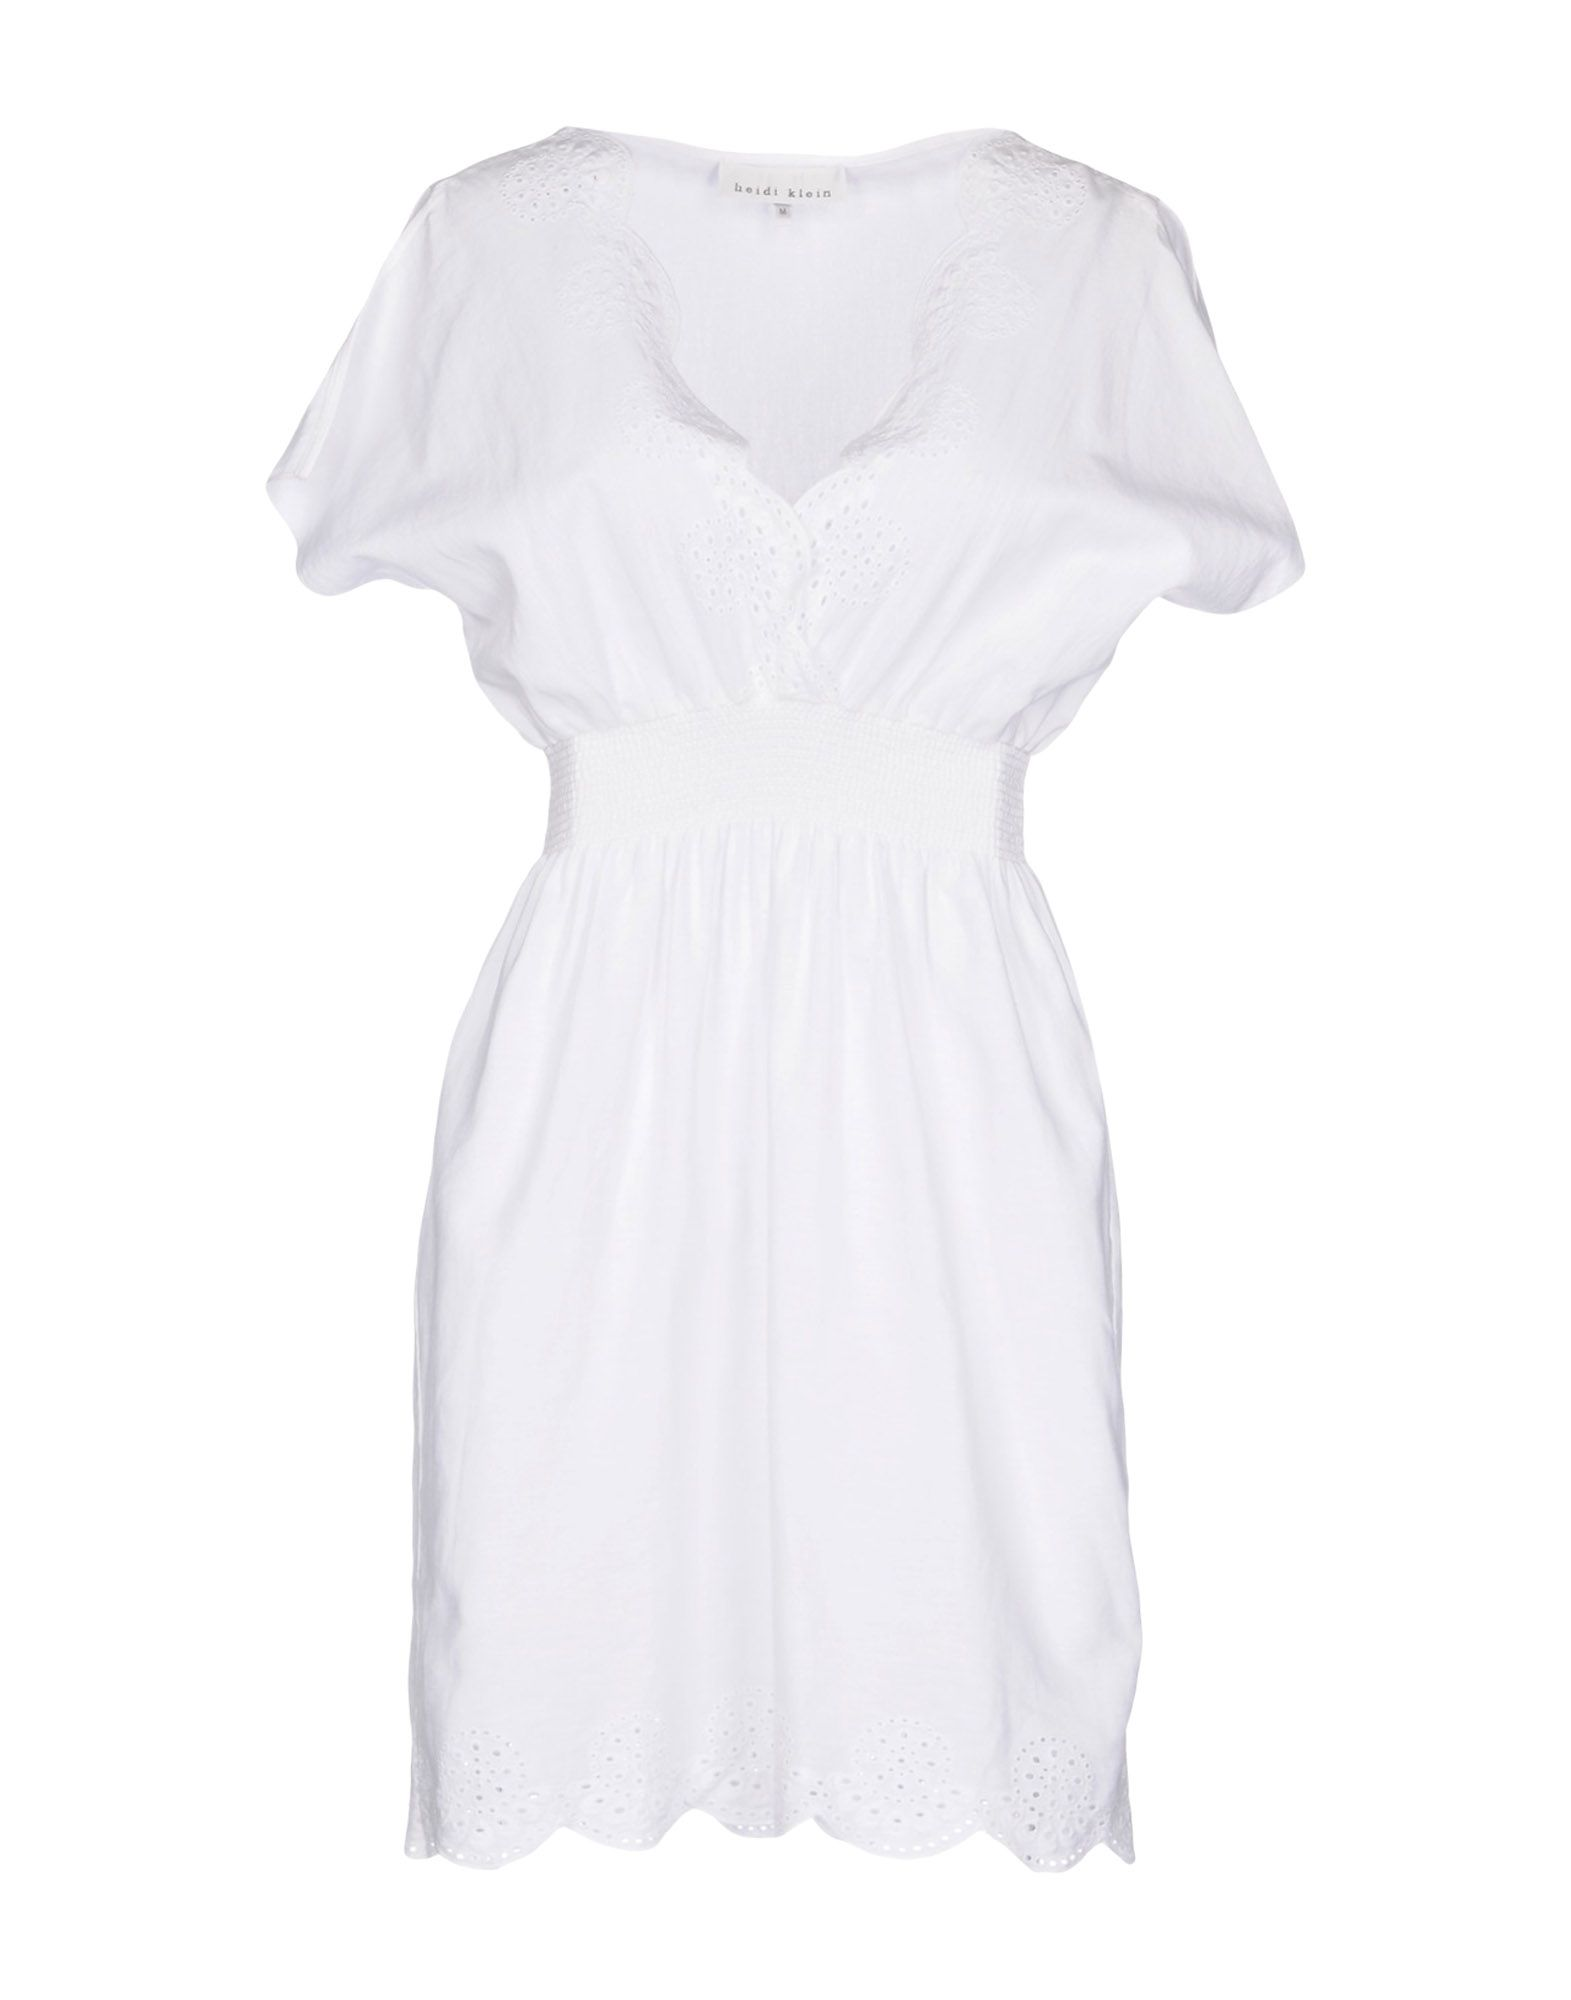 HEIDI KLEIN Короткое платье